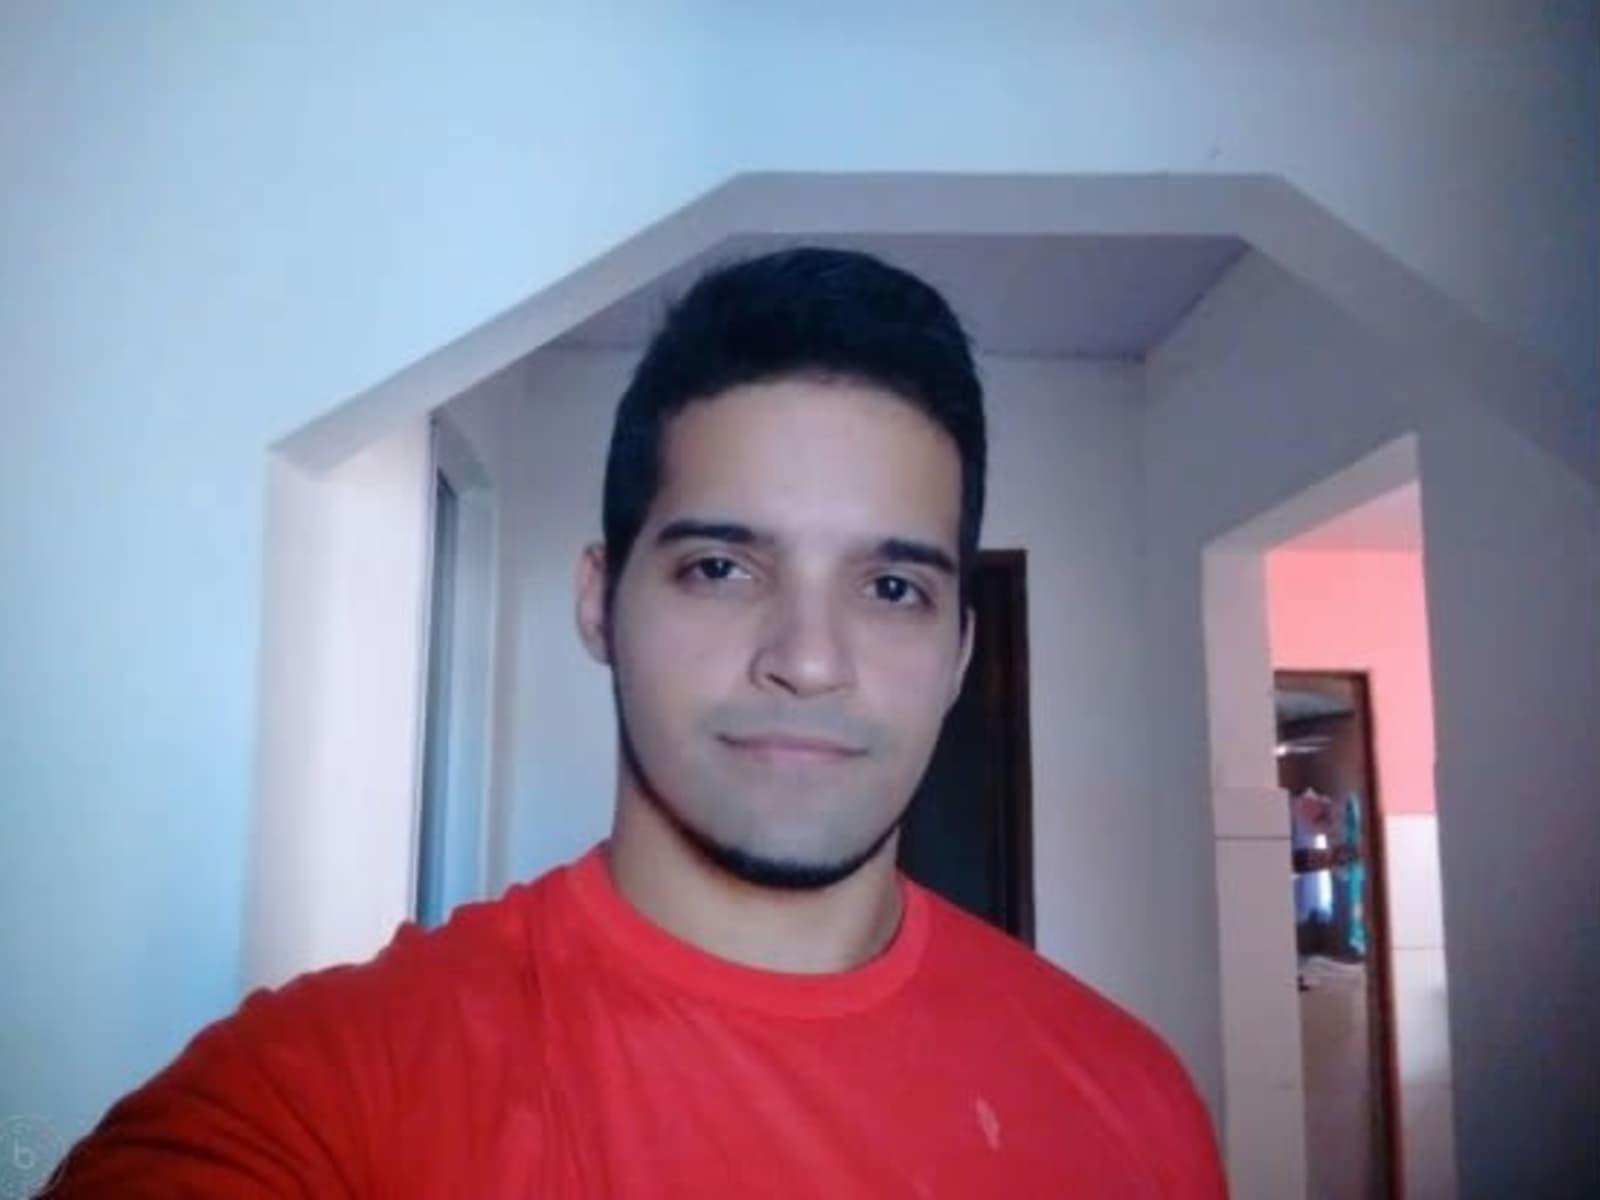 Mario from Rio de Janeiro, Brazil